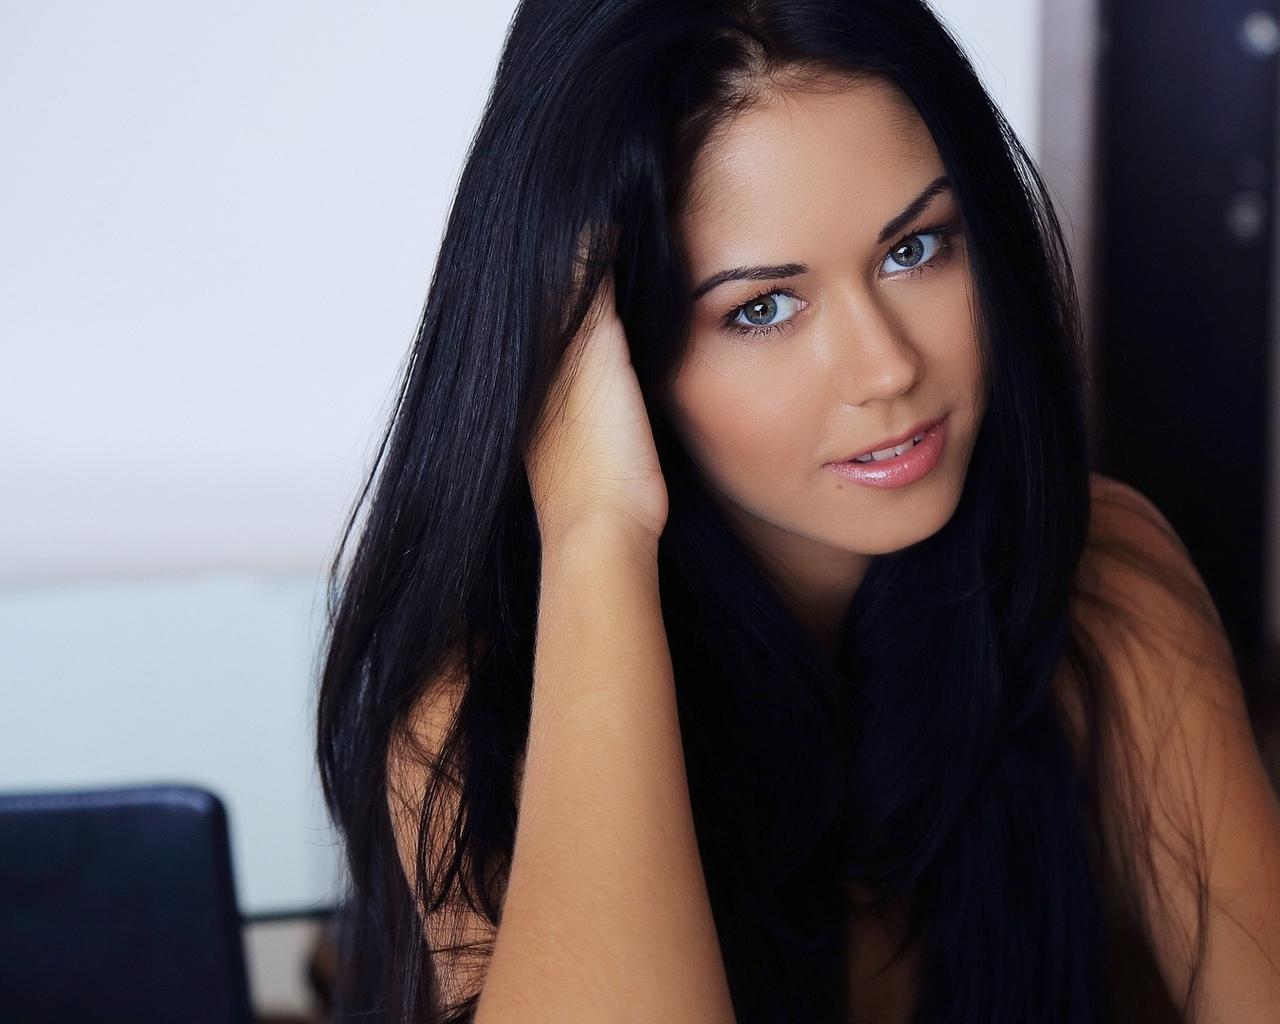 Красивые девушки много фоток